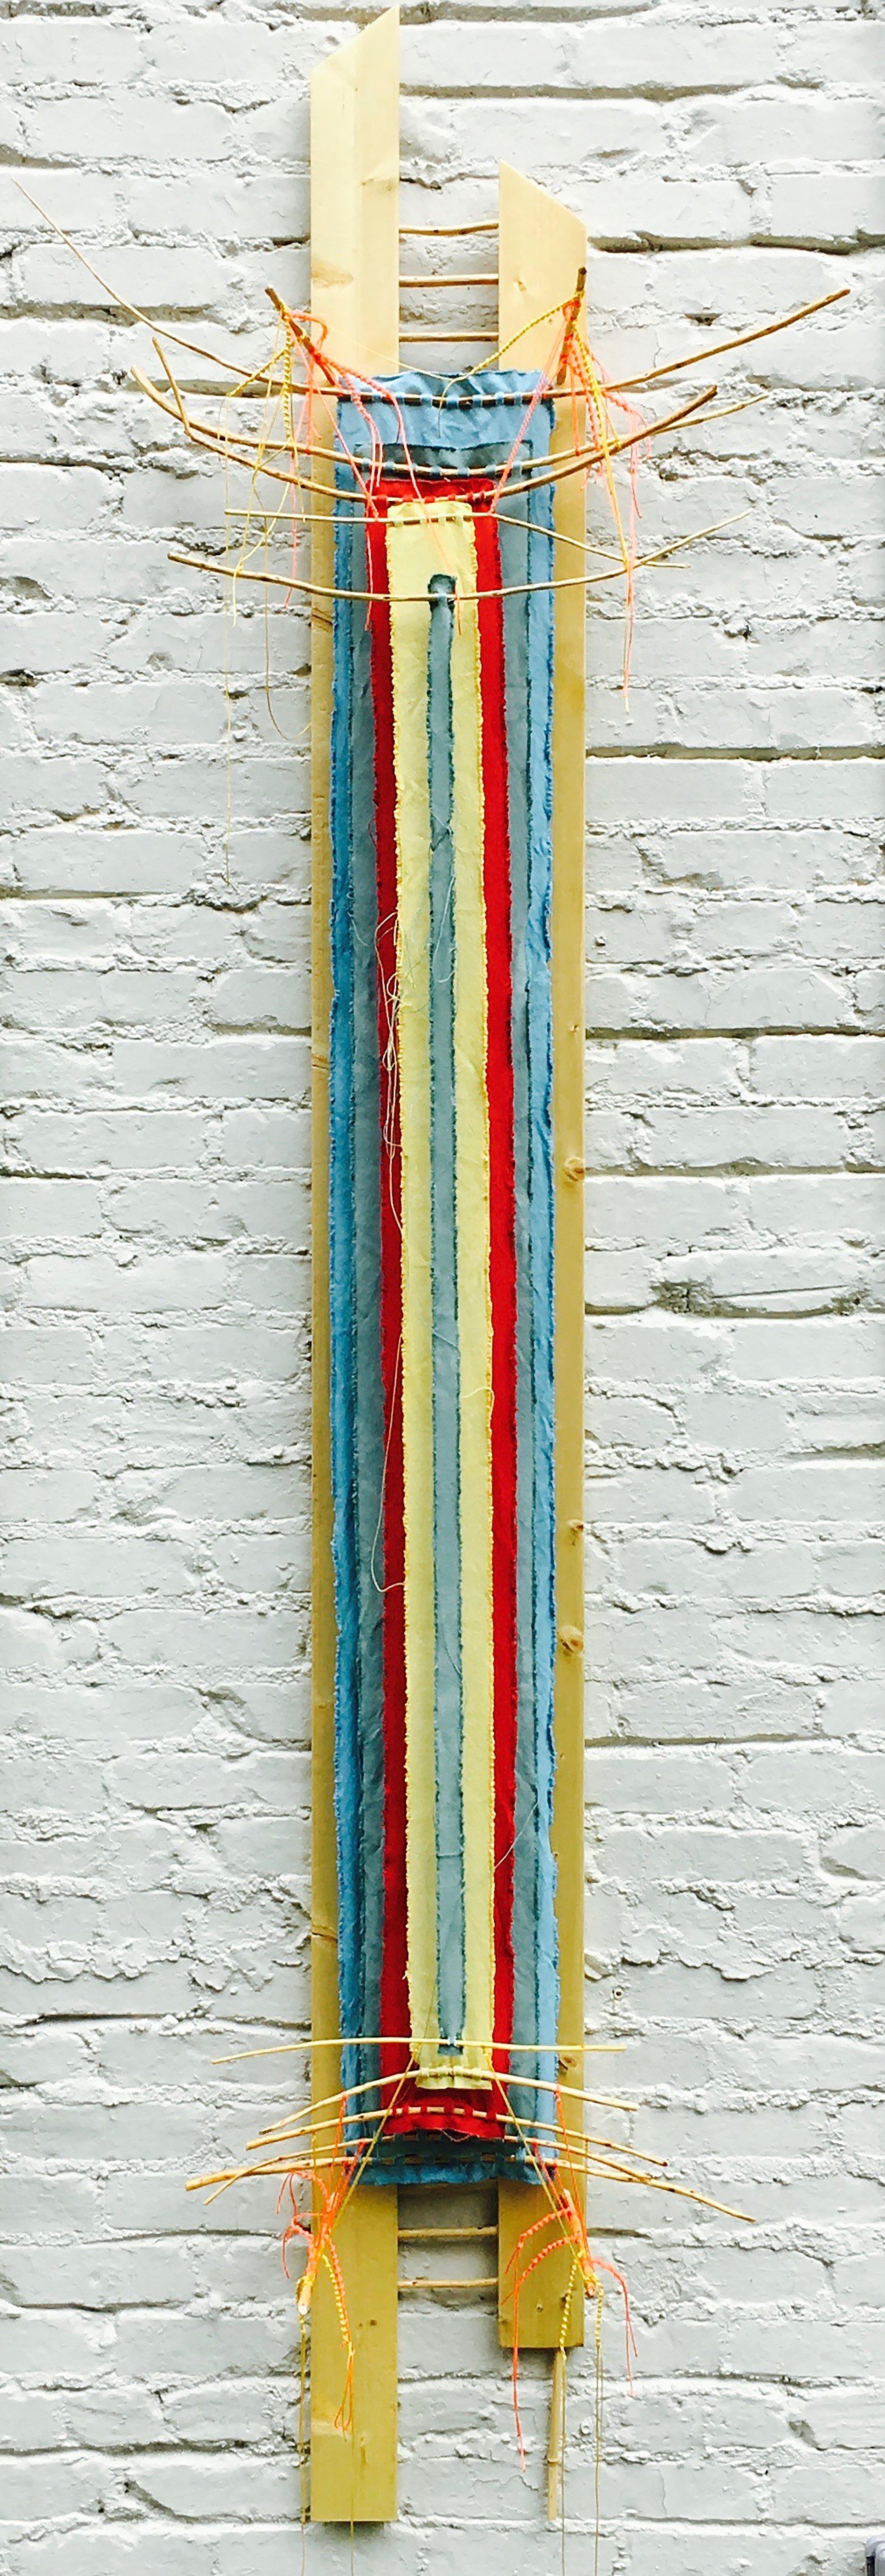 """Twin-entangled Stele, backward glance   2017 ·found board/sticks, cedar pegs, canvas, string, dye, varnish ·101""""x33""""x7.5"""""""